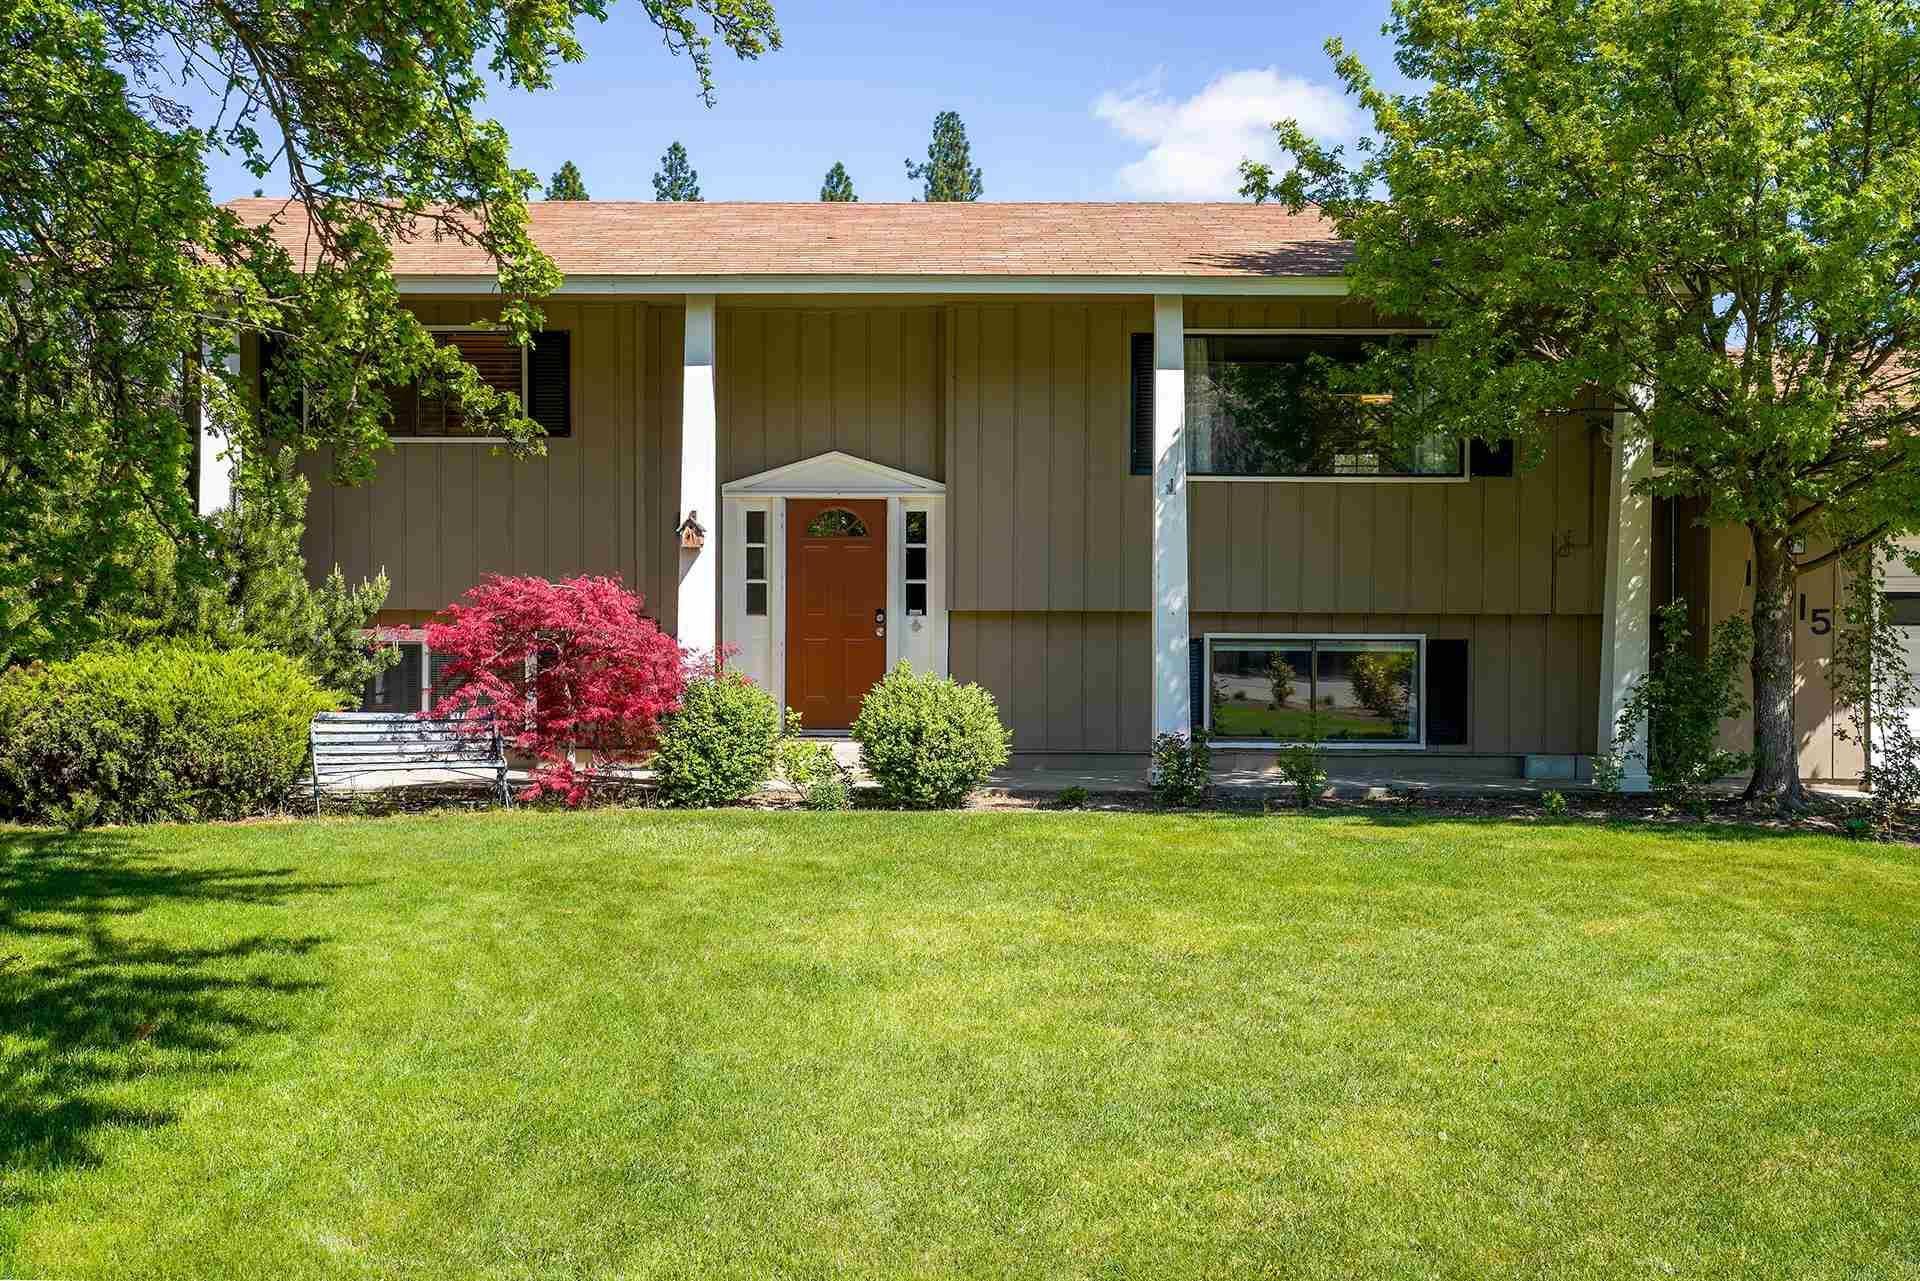 11015 E 25th Ave, Spokane Valley, WA 99206 - #: 202115170